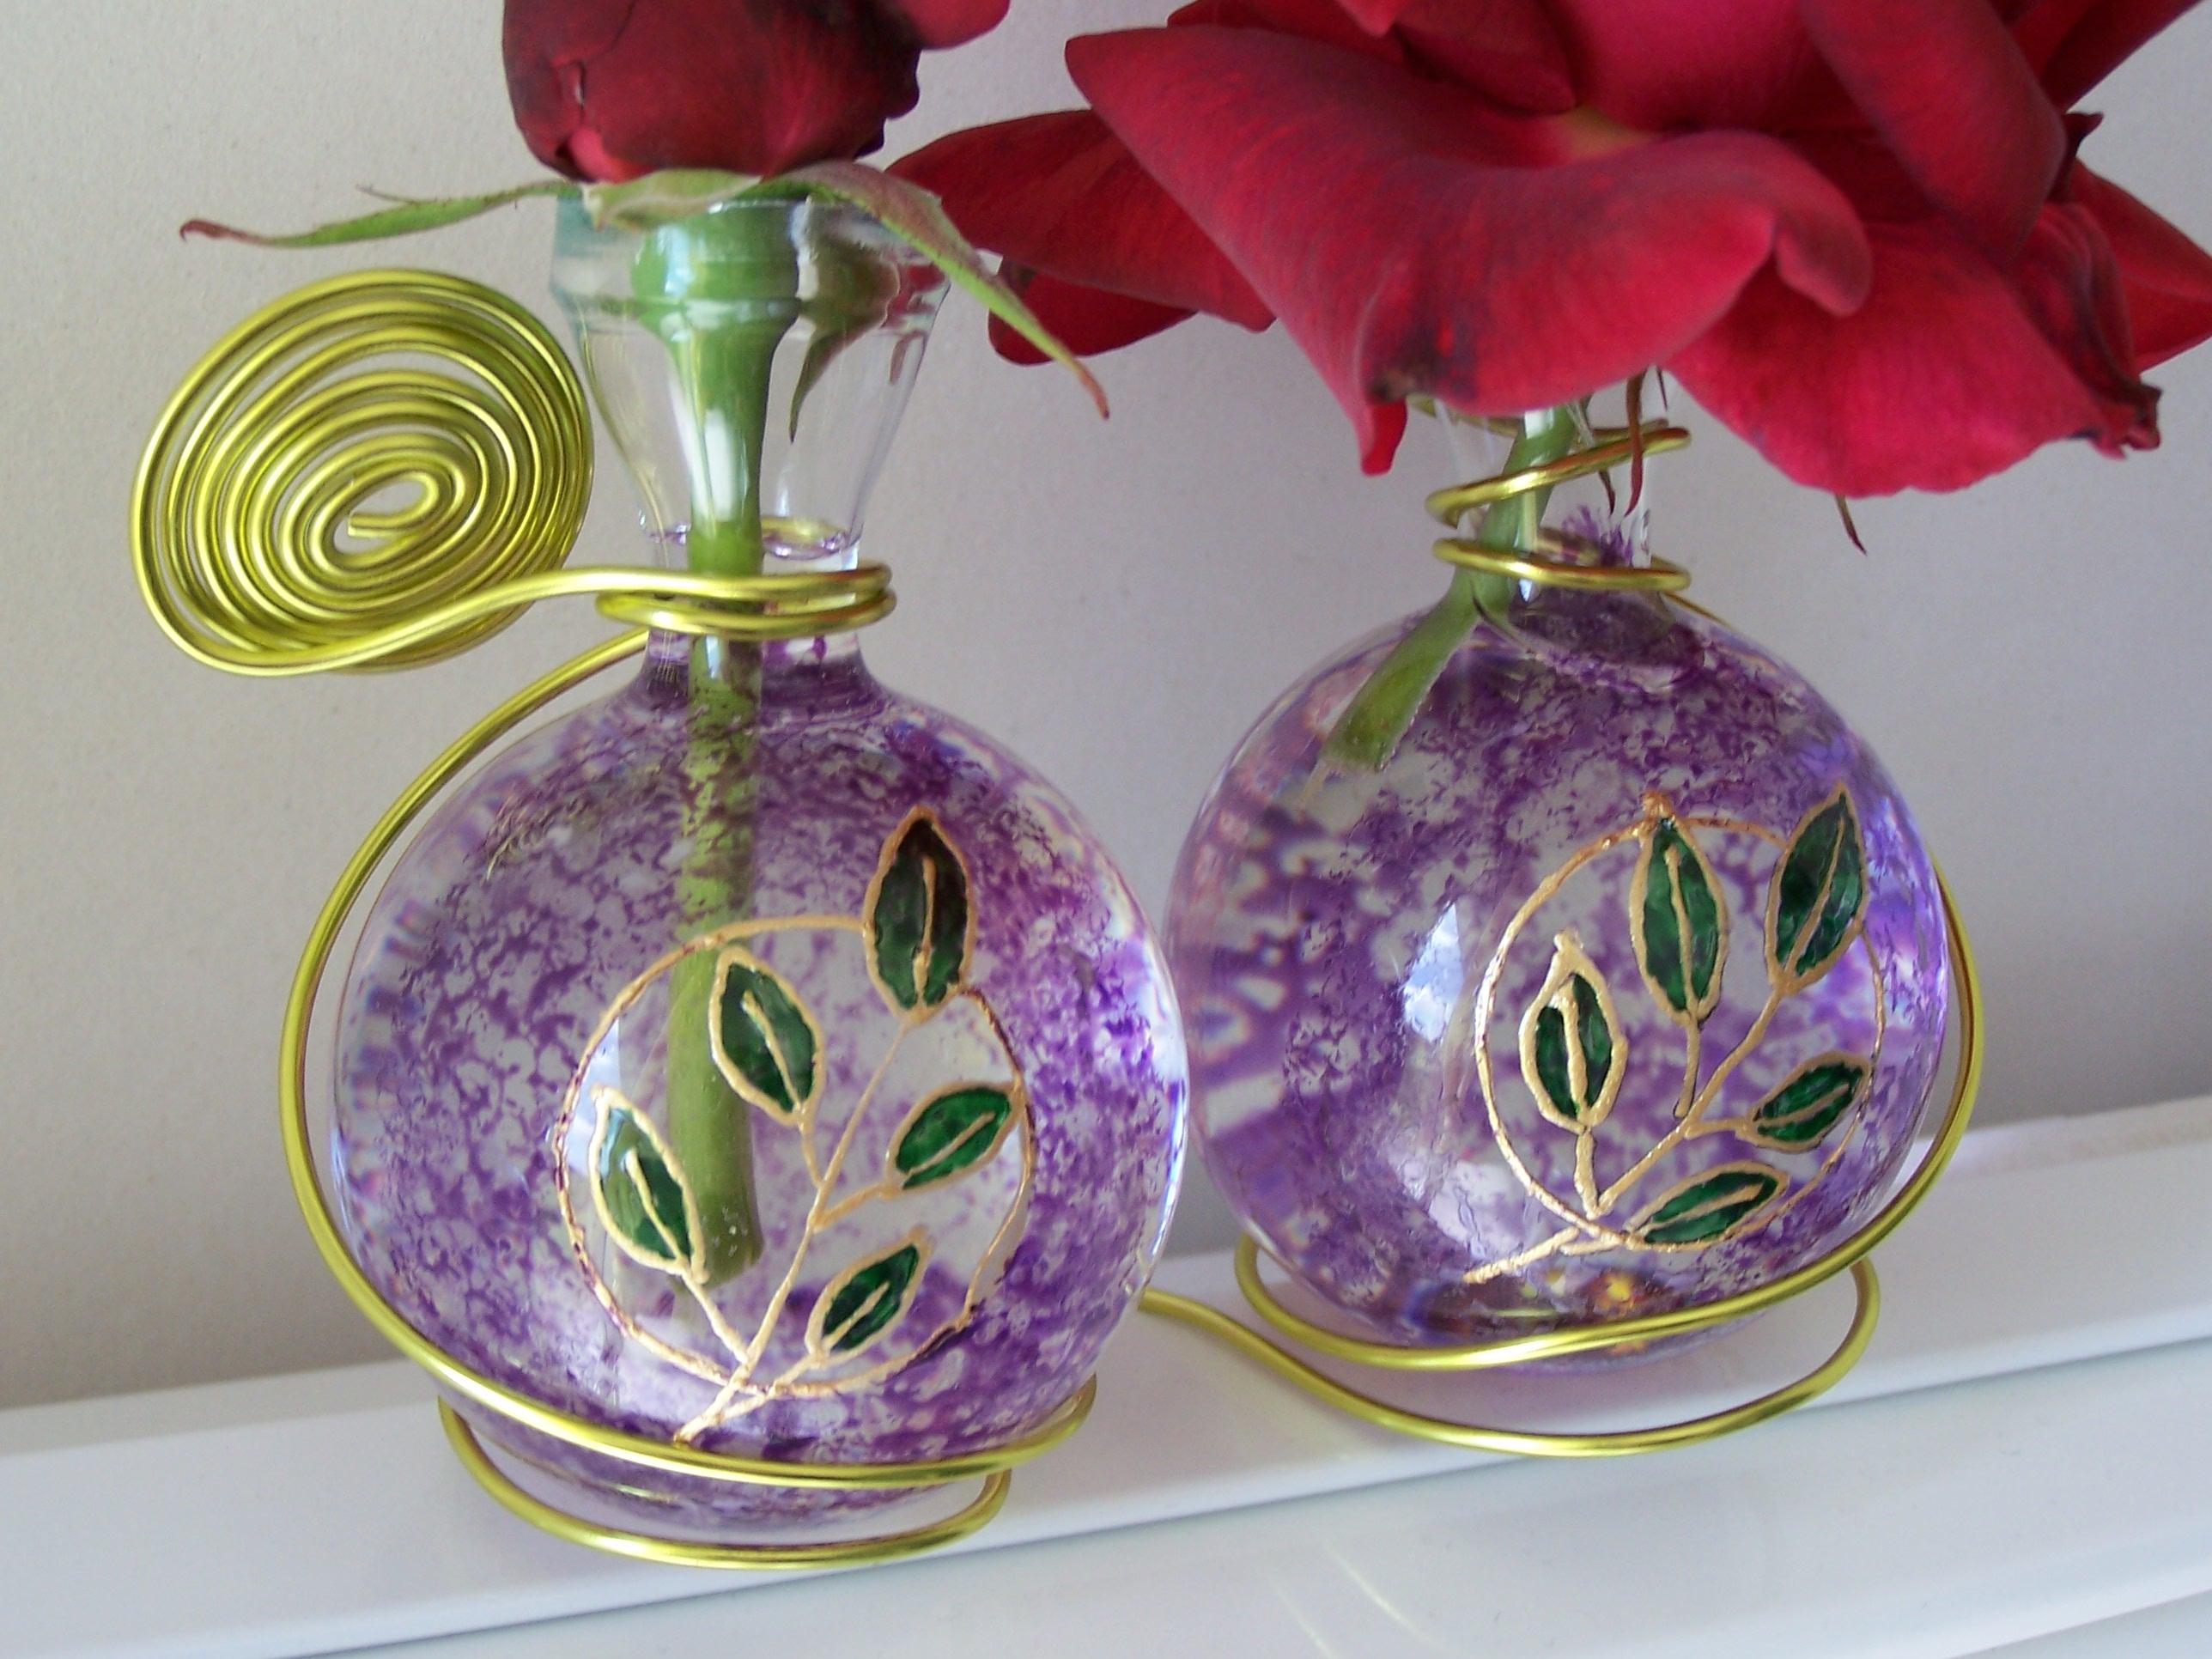 Peinture sur verre 1 les d lires de lulu for Enlever peinture sur verre